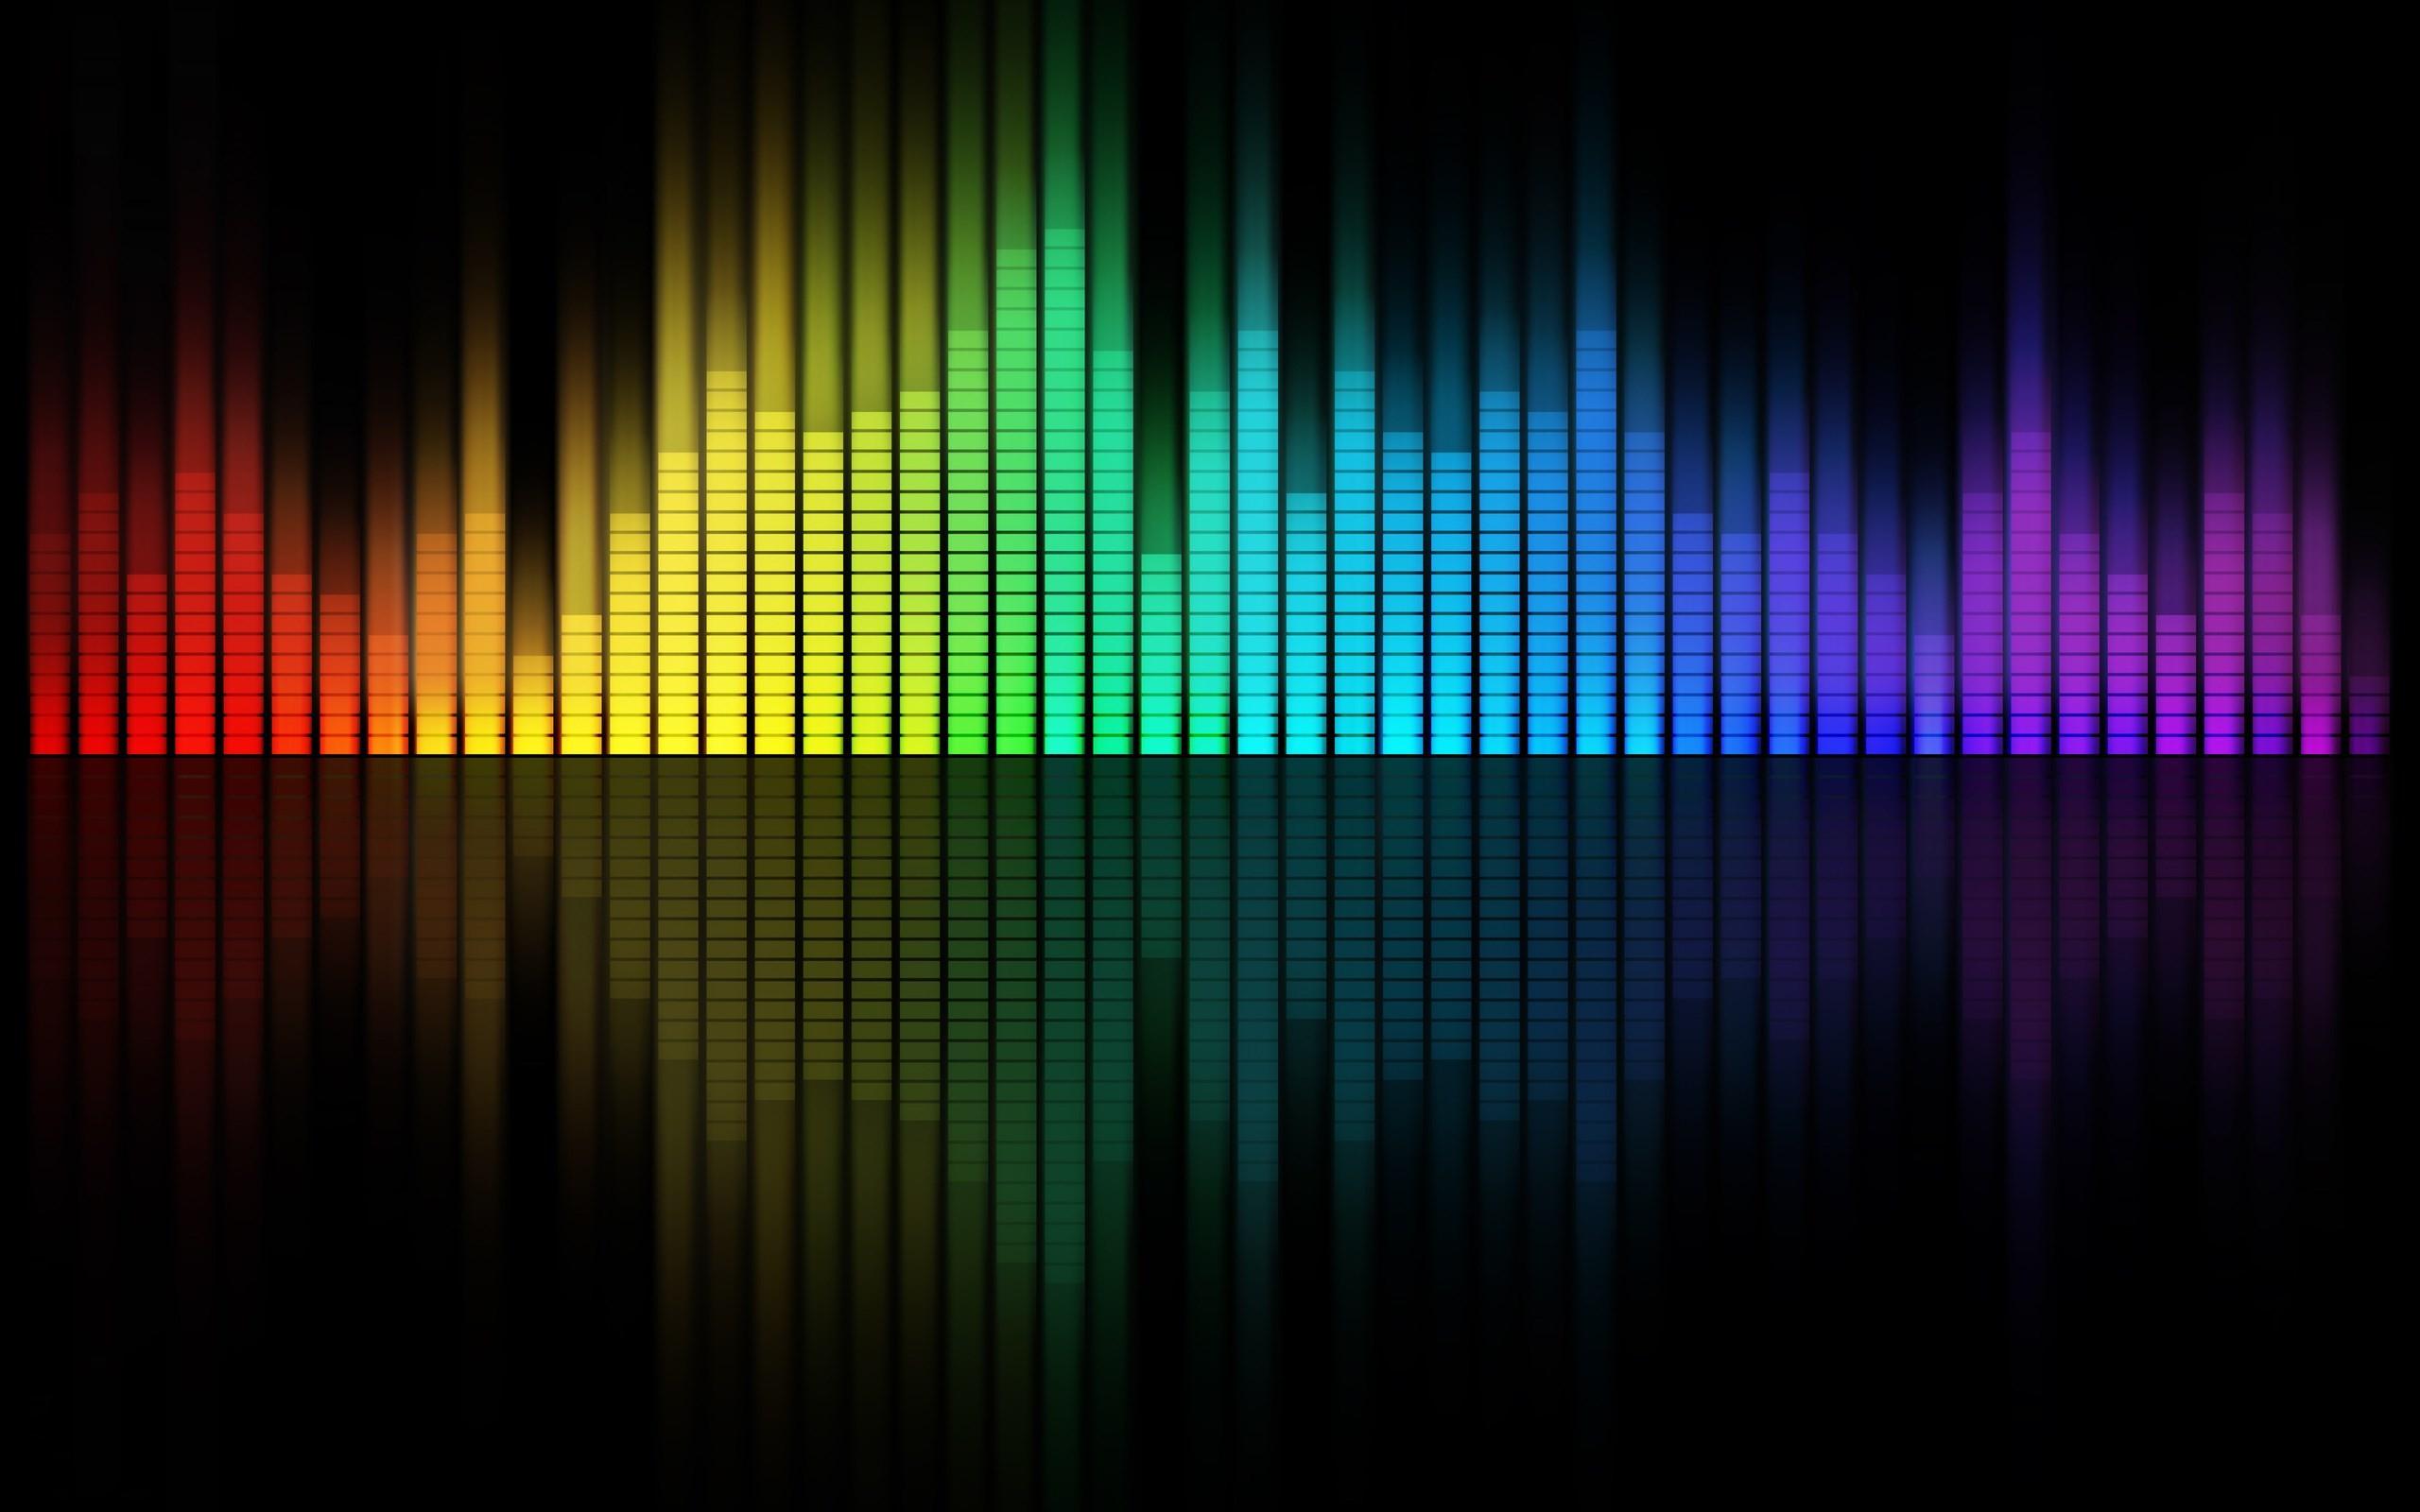 colors backgrounds for desktop hd backgrounds, 370 kB – Meriwether Blare